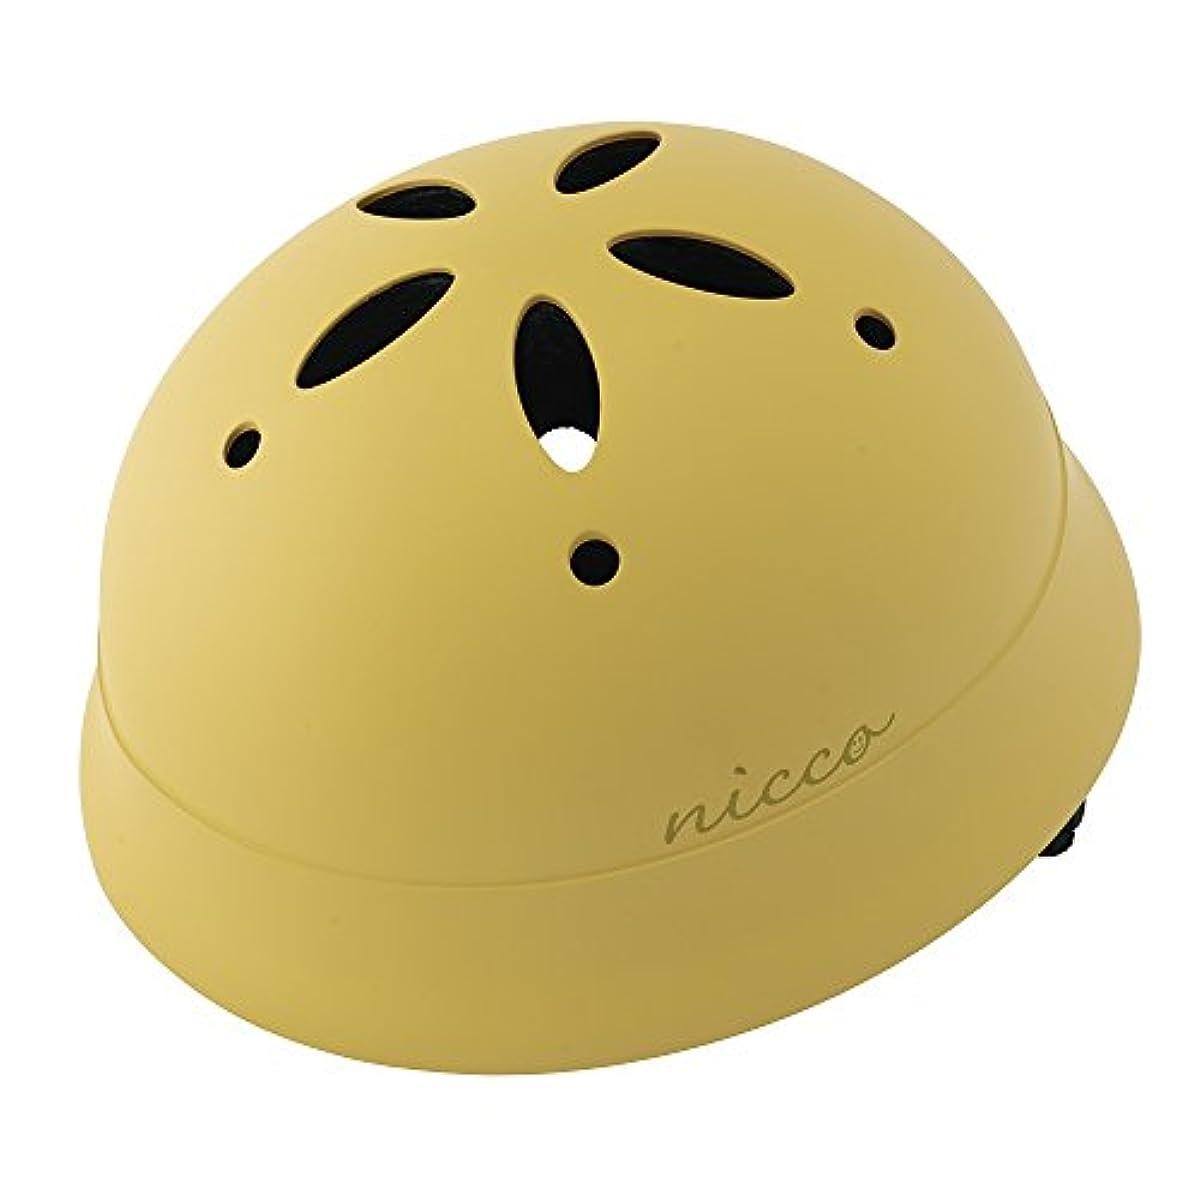 [해외] nicco 니코 르시크 헬멧 (6색상)